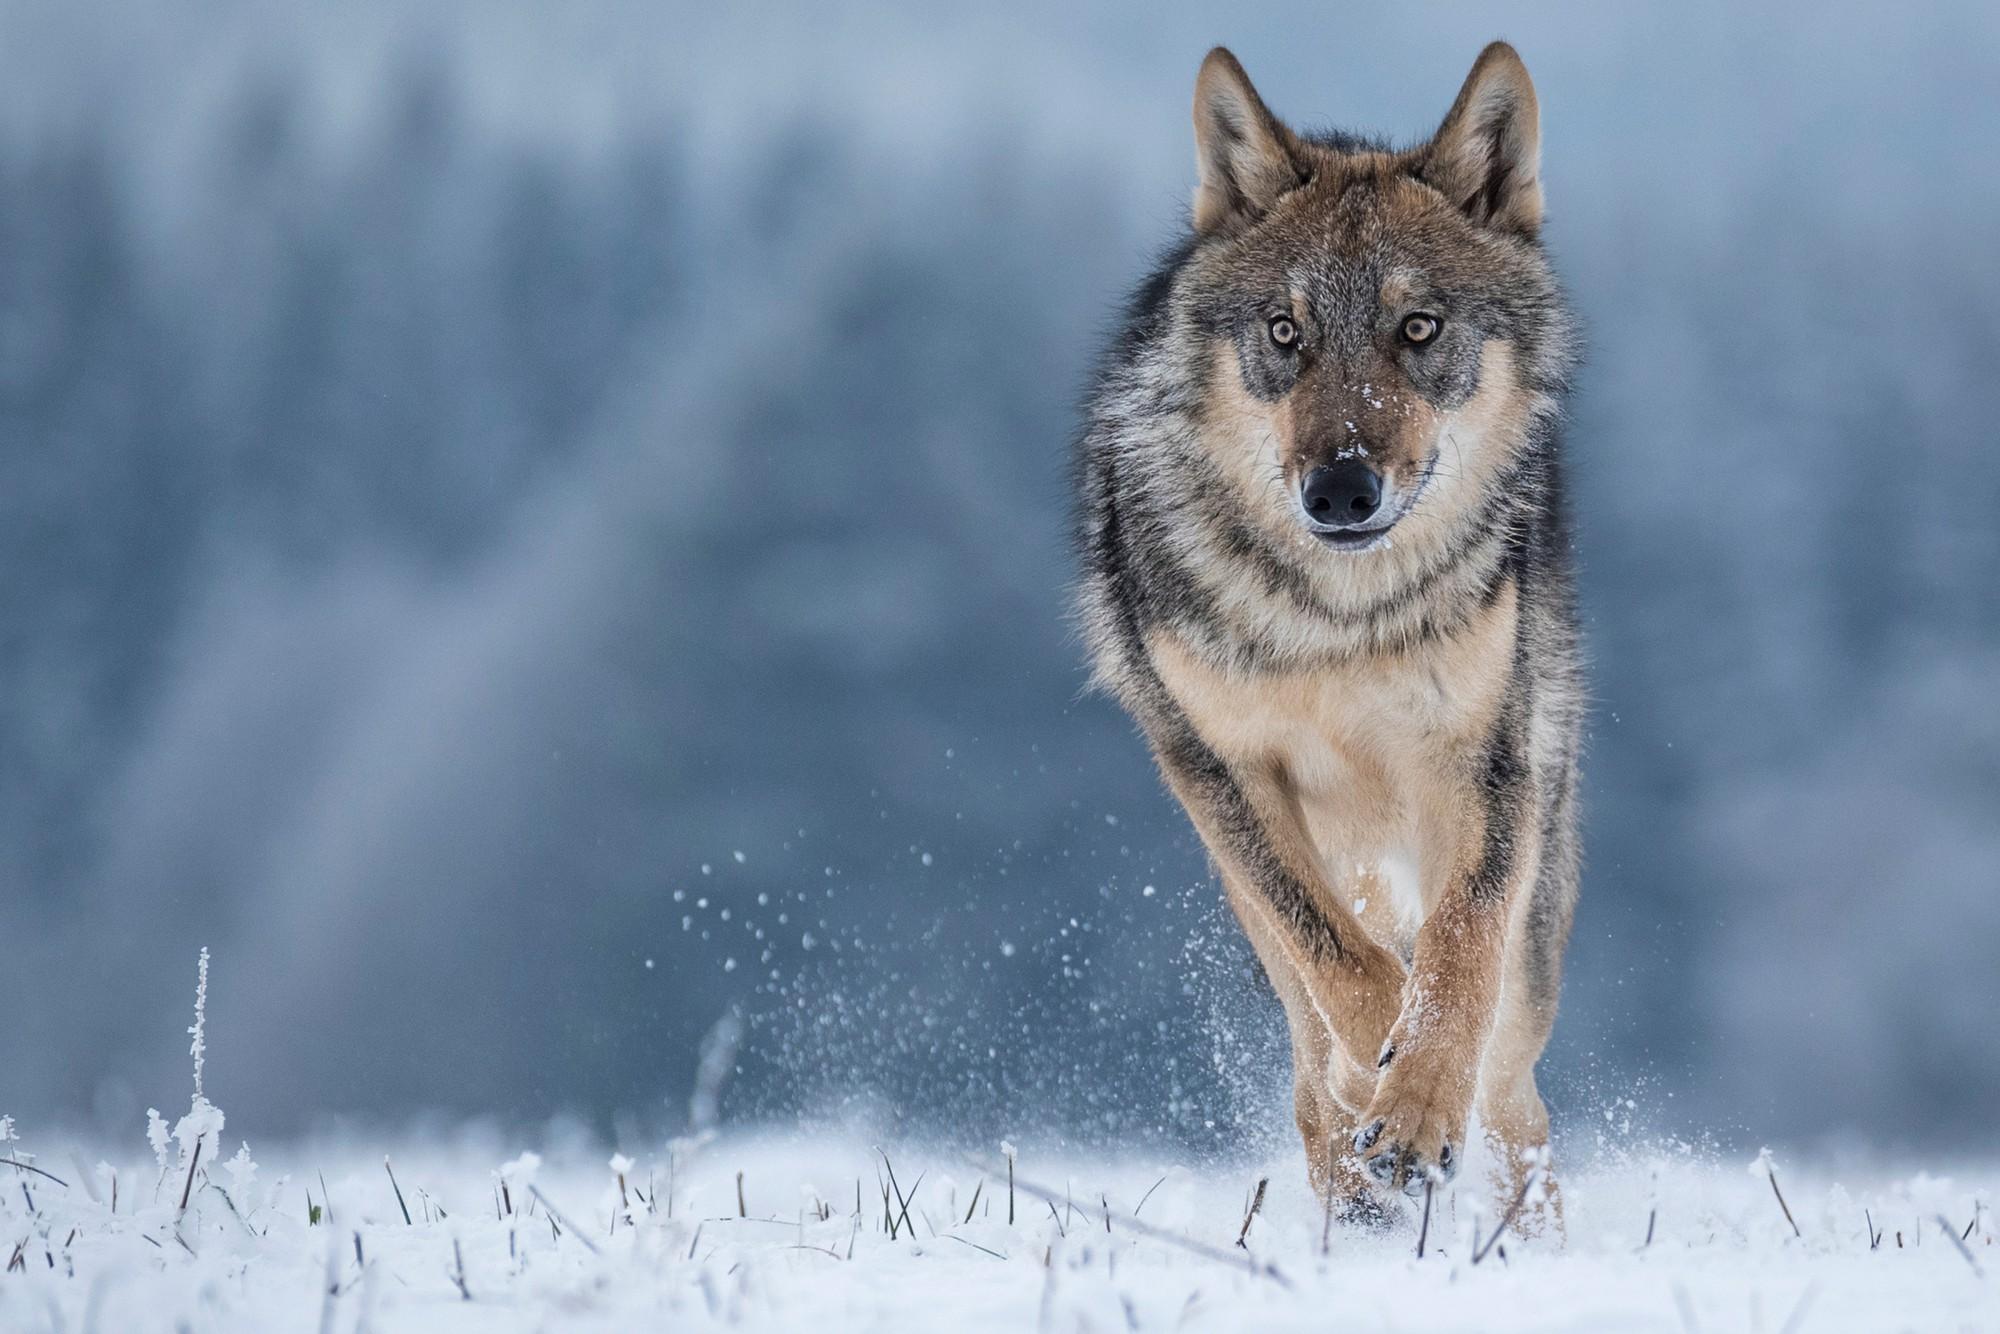 Con sói đầu tiên trong lịch sử rời khỏi Chernobyl, giới khoa học đang phải bám rất sát - Ảnh 2.